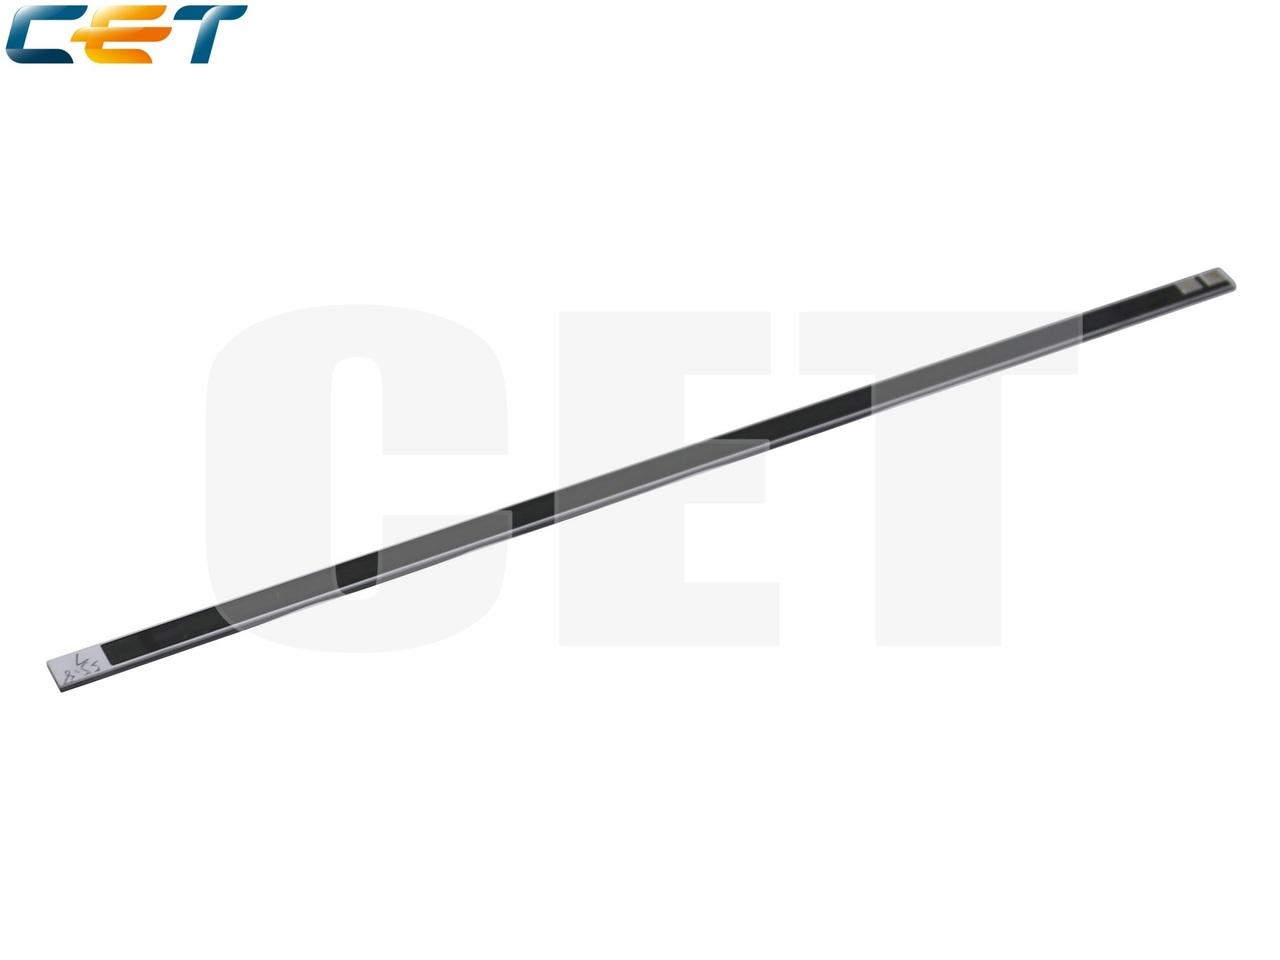 Нагревательный элемент для HP LaserJet 1160/1320/P2015,M375/M475/M402/M426 (CET), CET3123